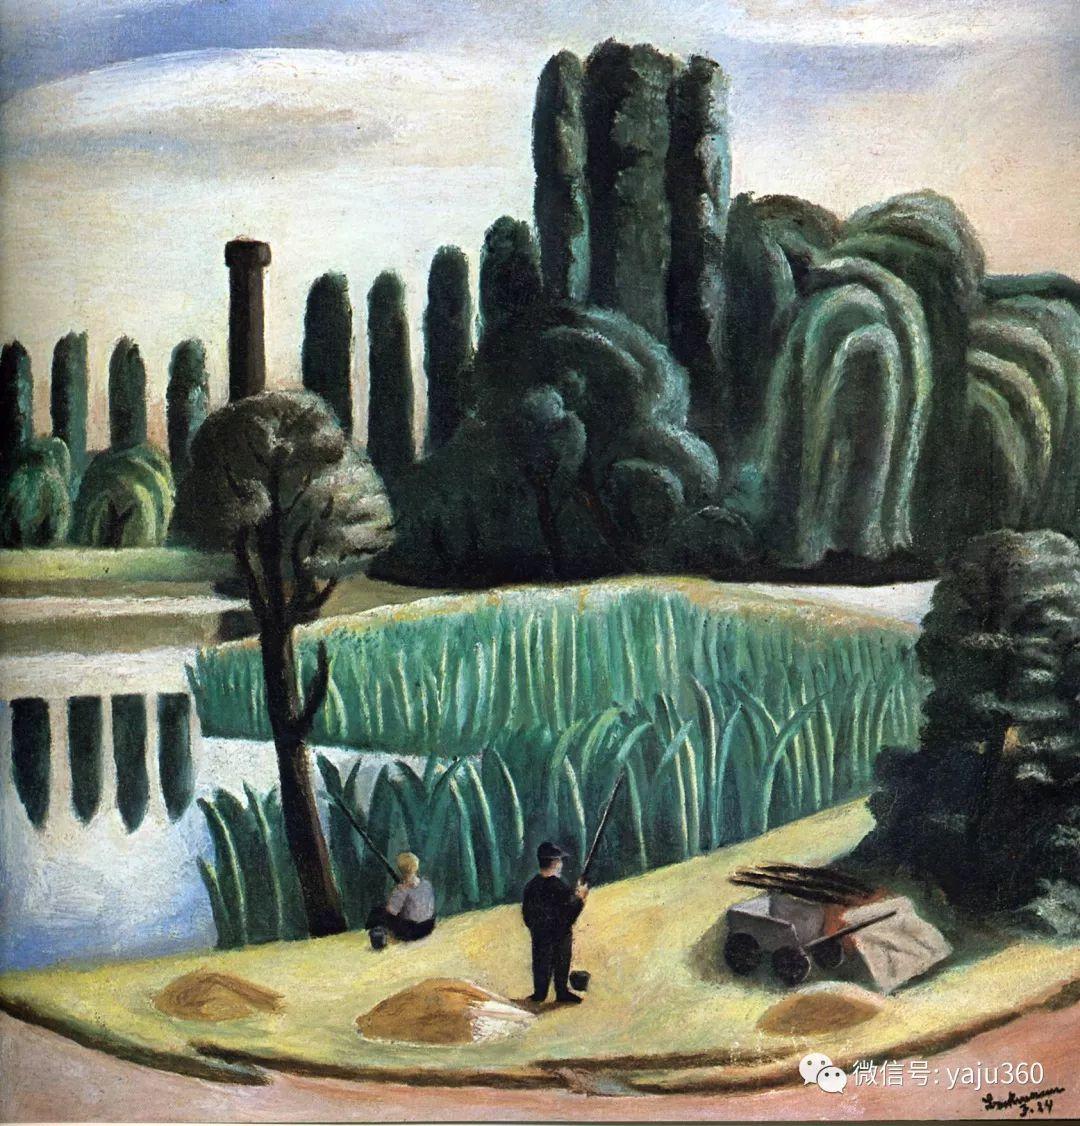 一位不可多得的艺术大师 德国画家Max Beckmann插图9